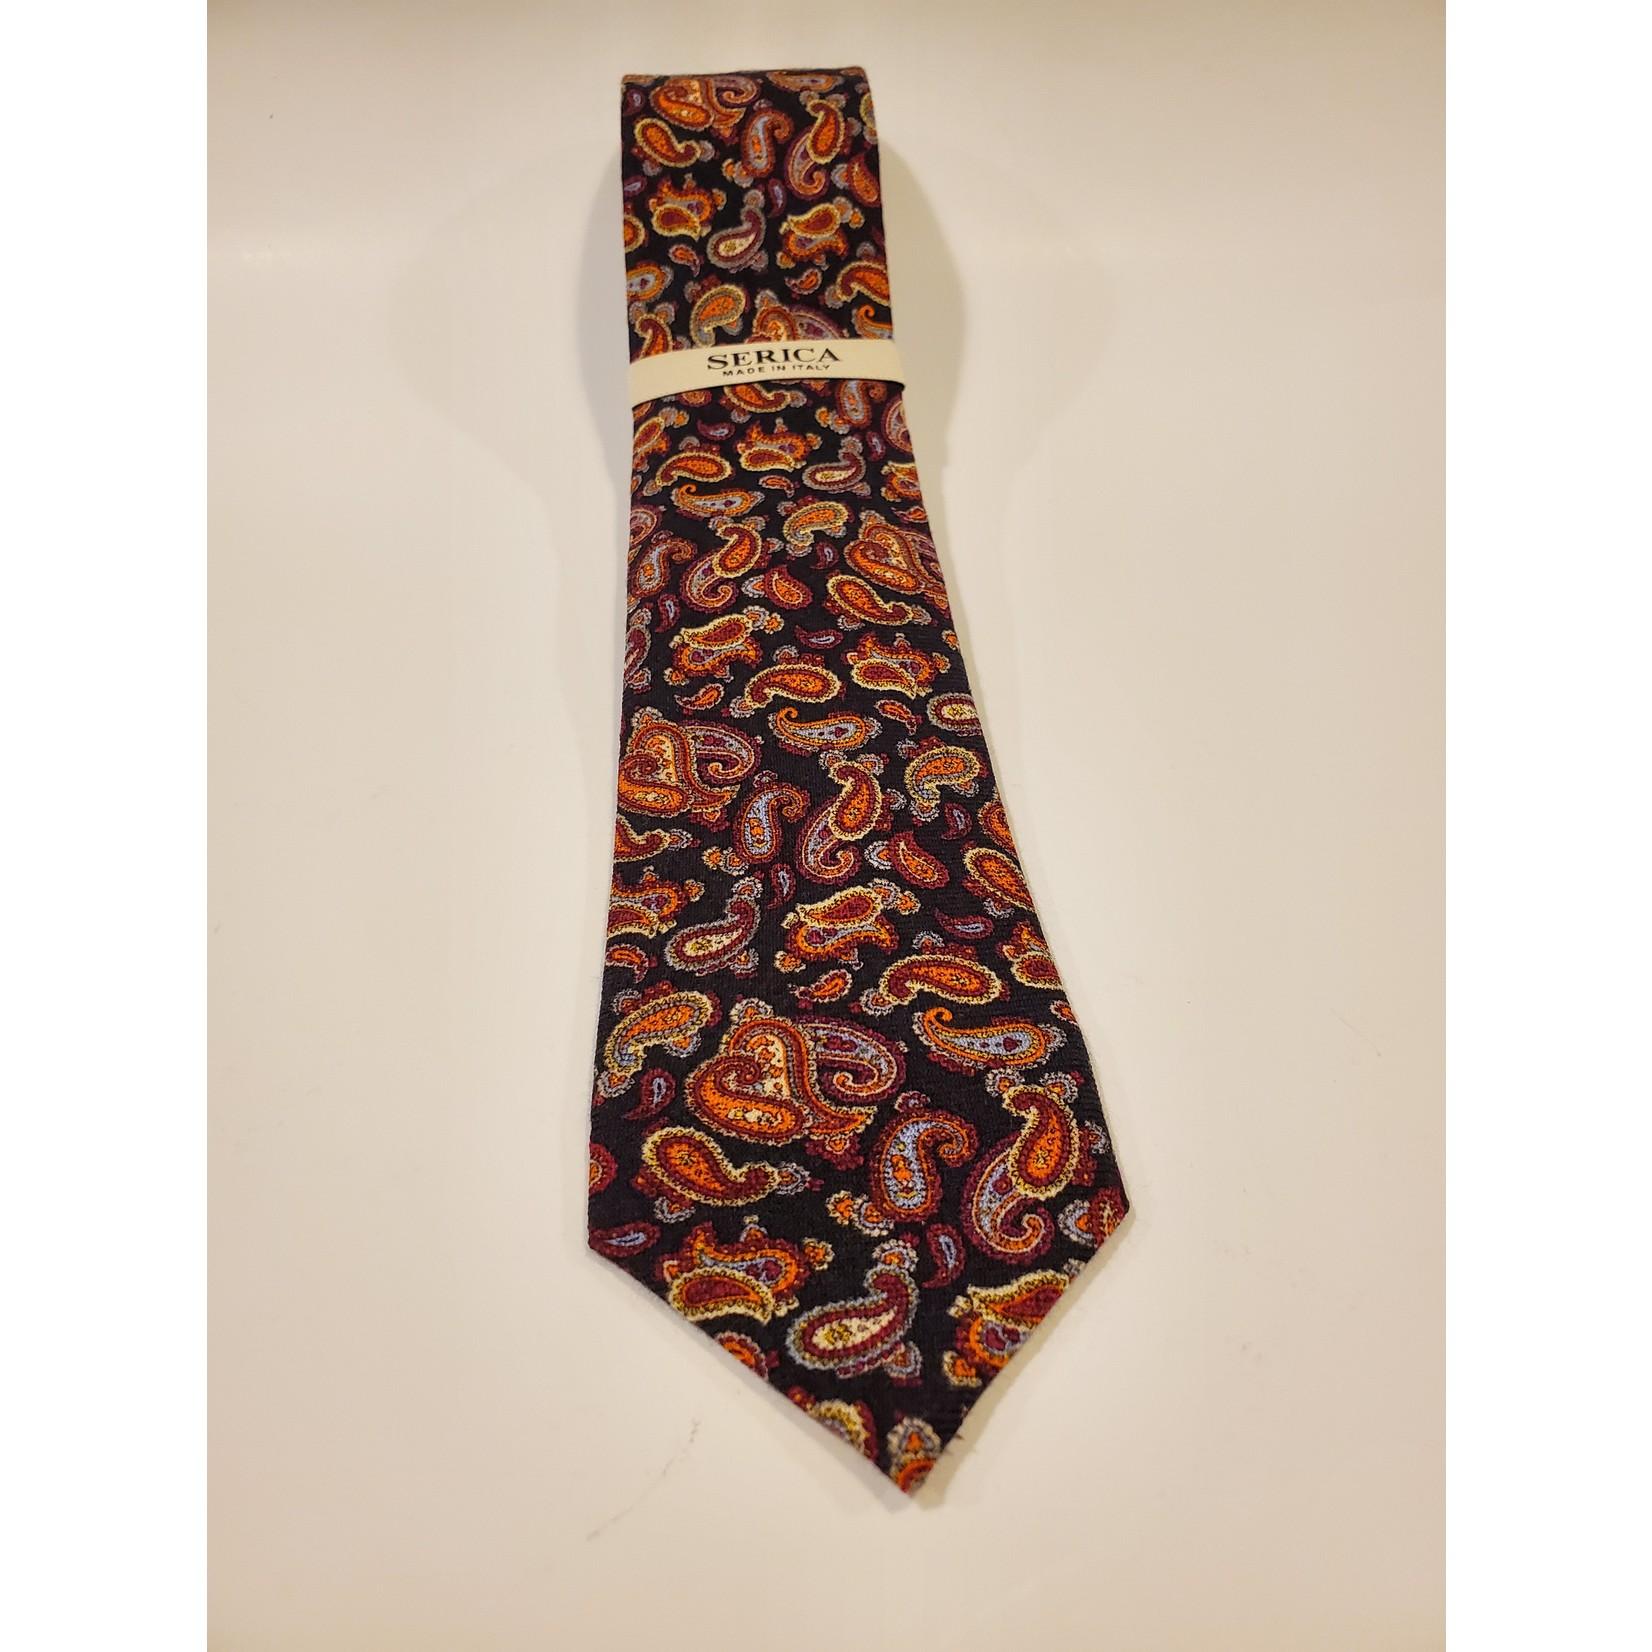 Serica 201955 Printed Wool/ Silk Tie C - Burgundy Paisley